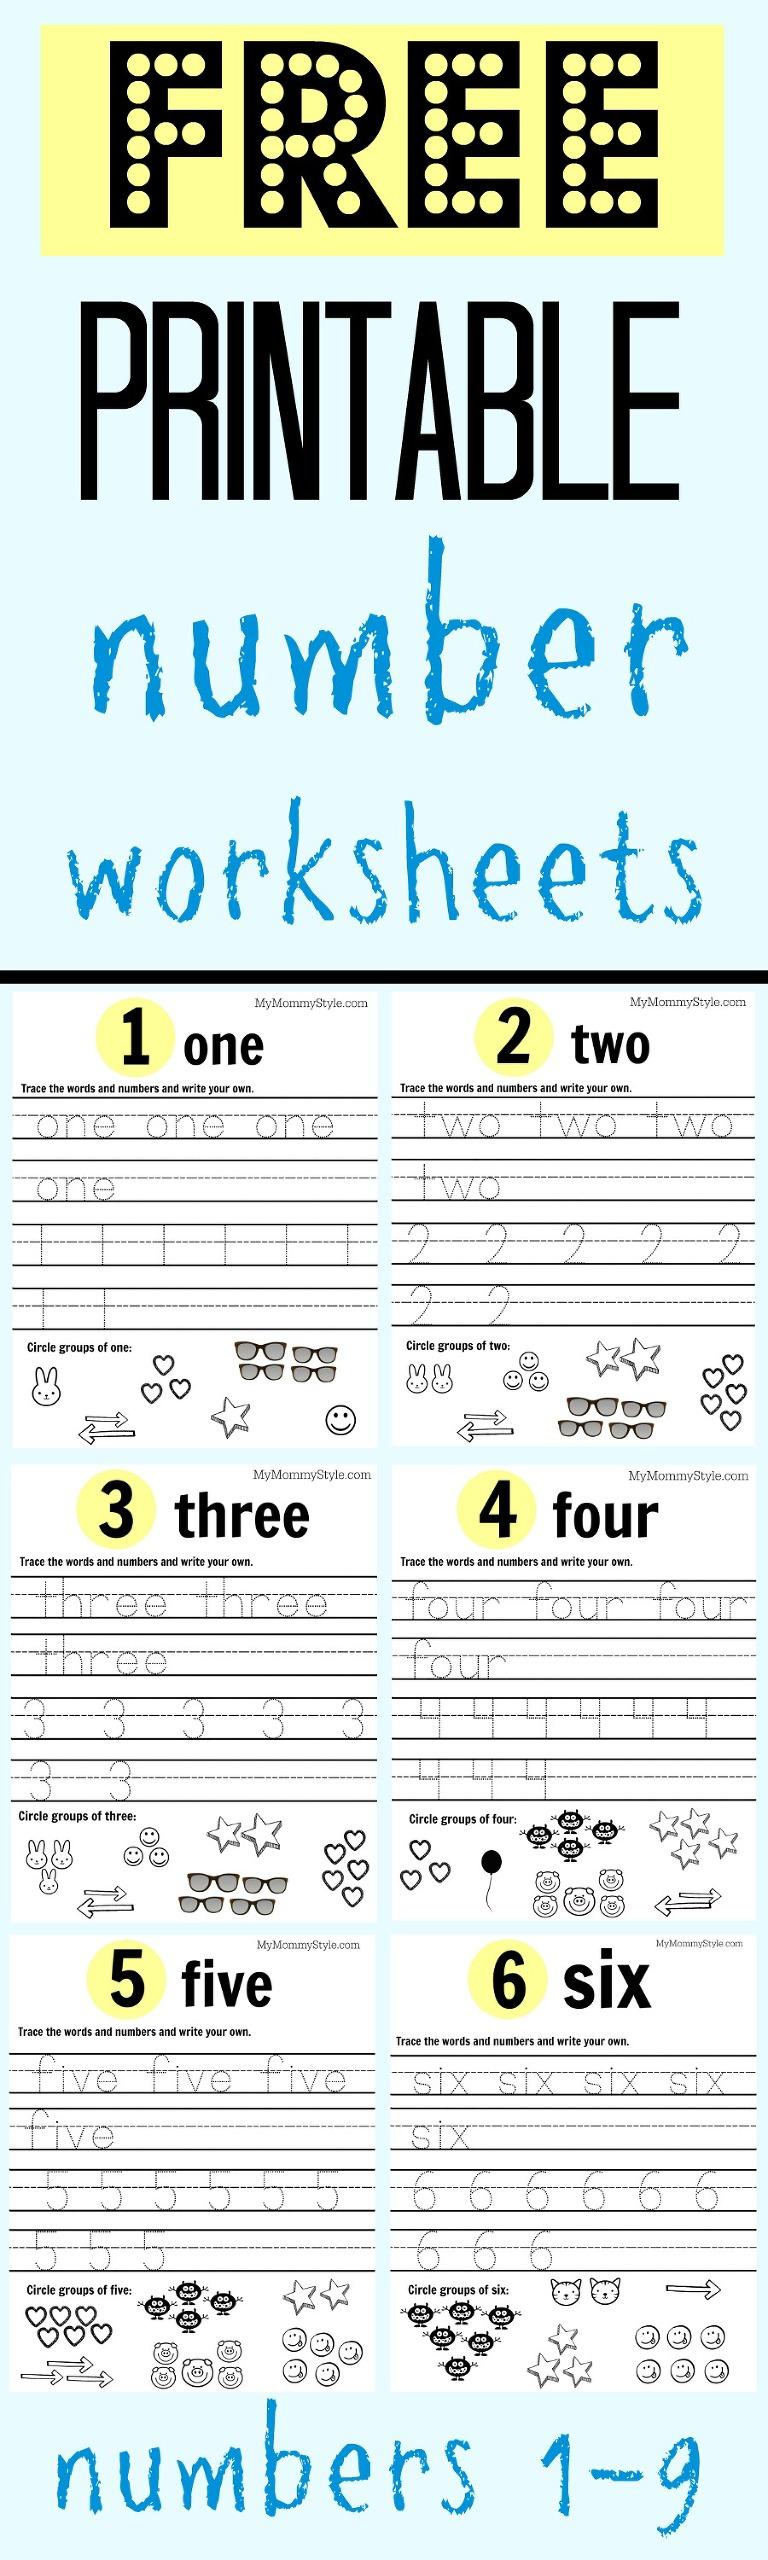 Free printable number worksheets, numbers 1-9 for preschool